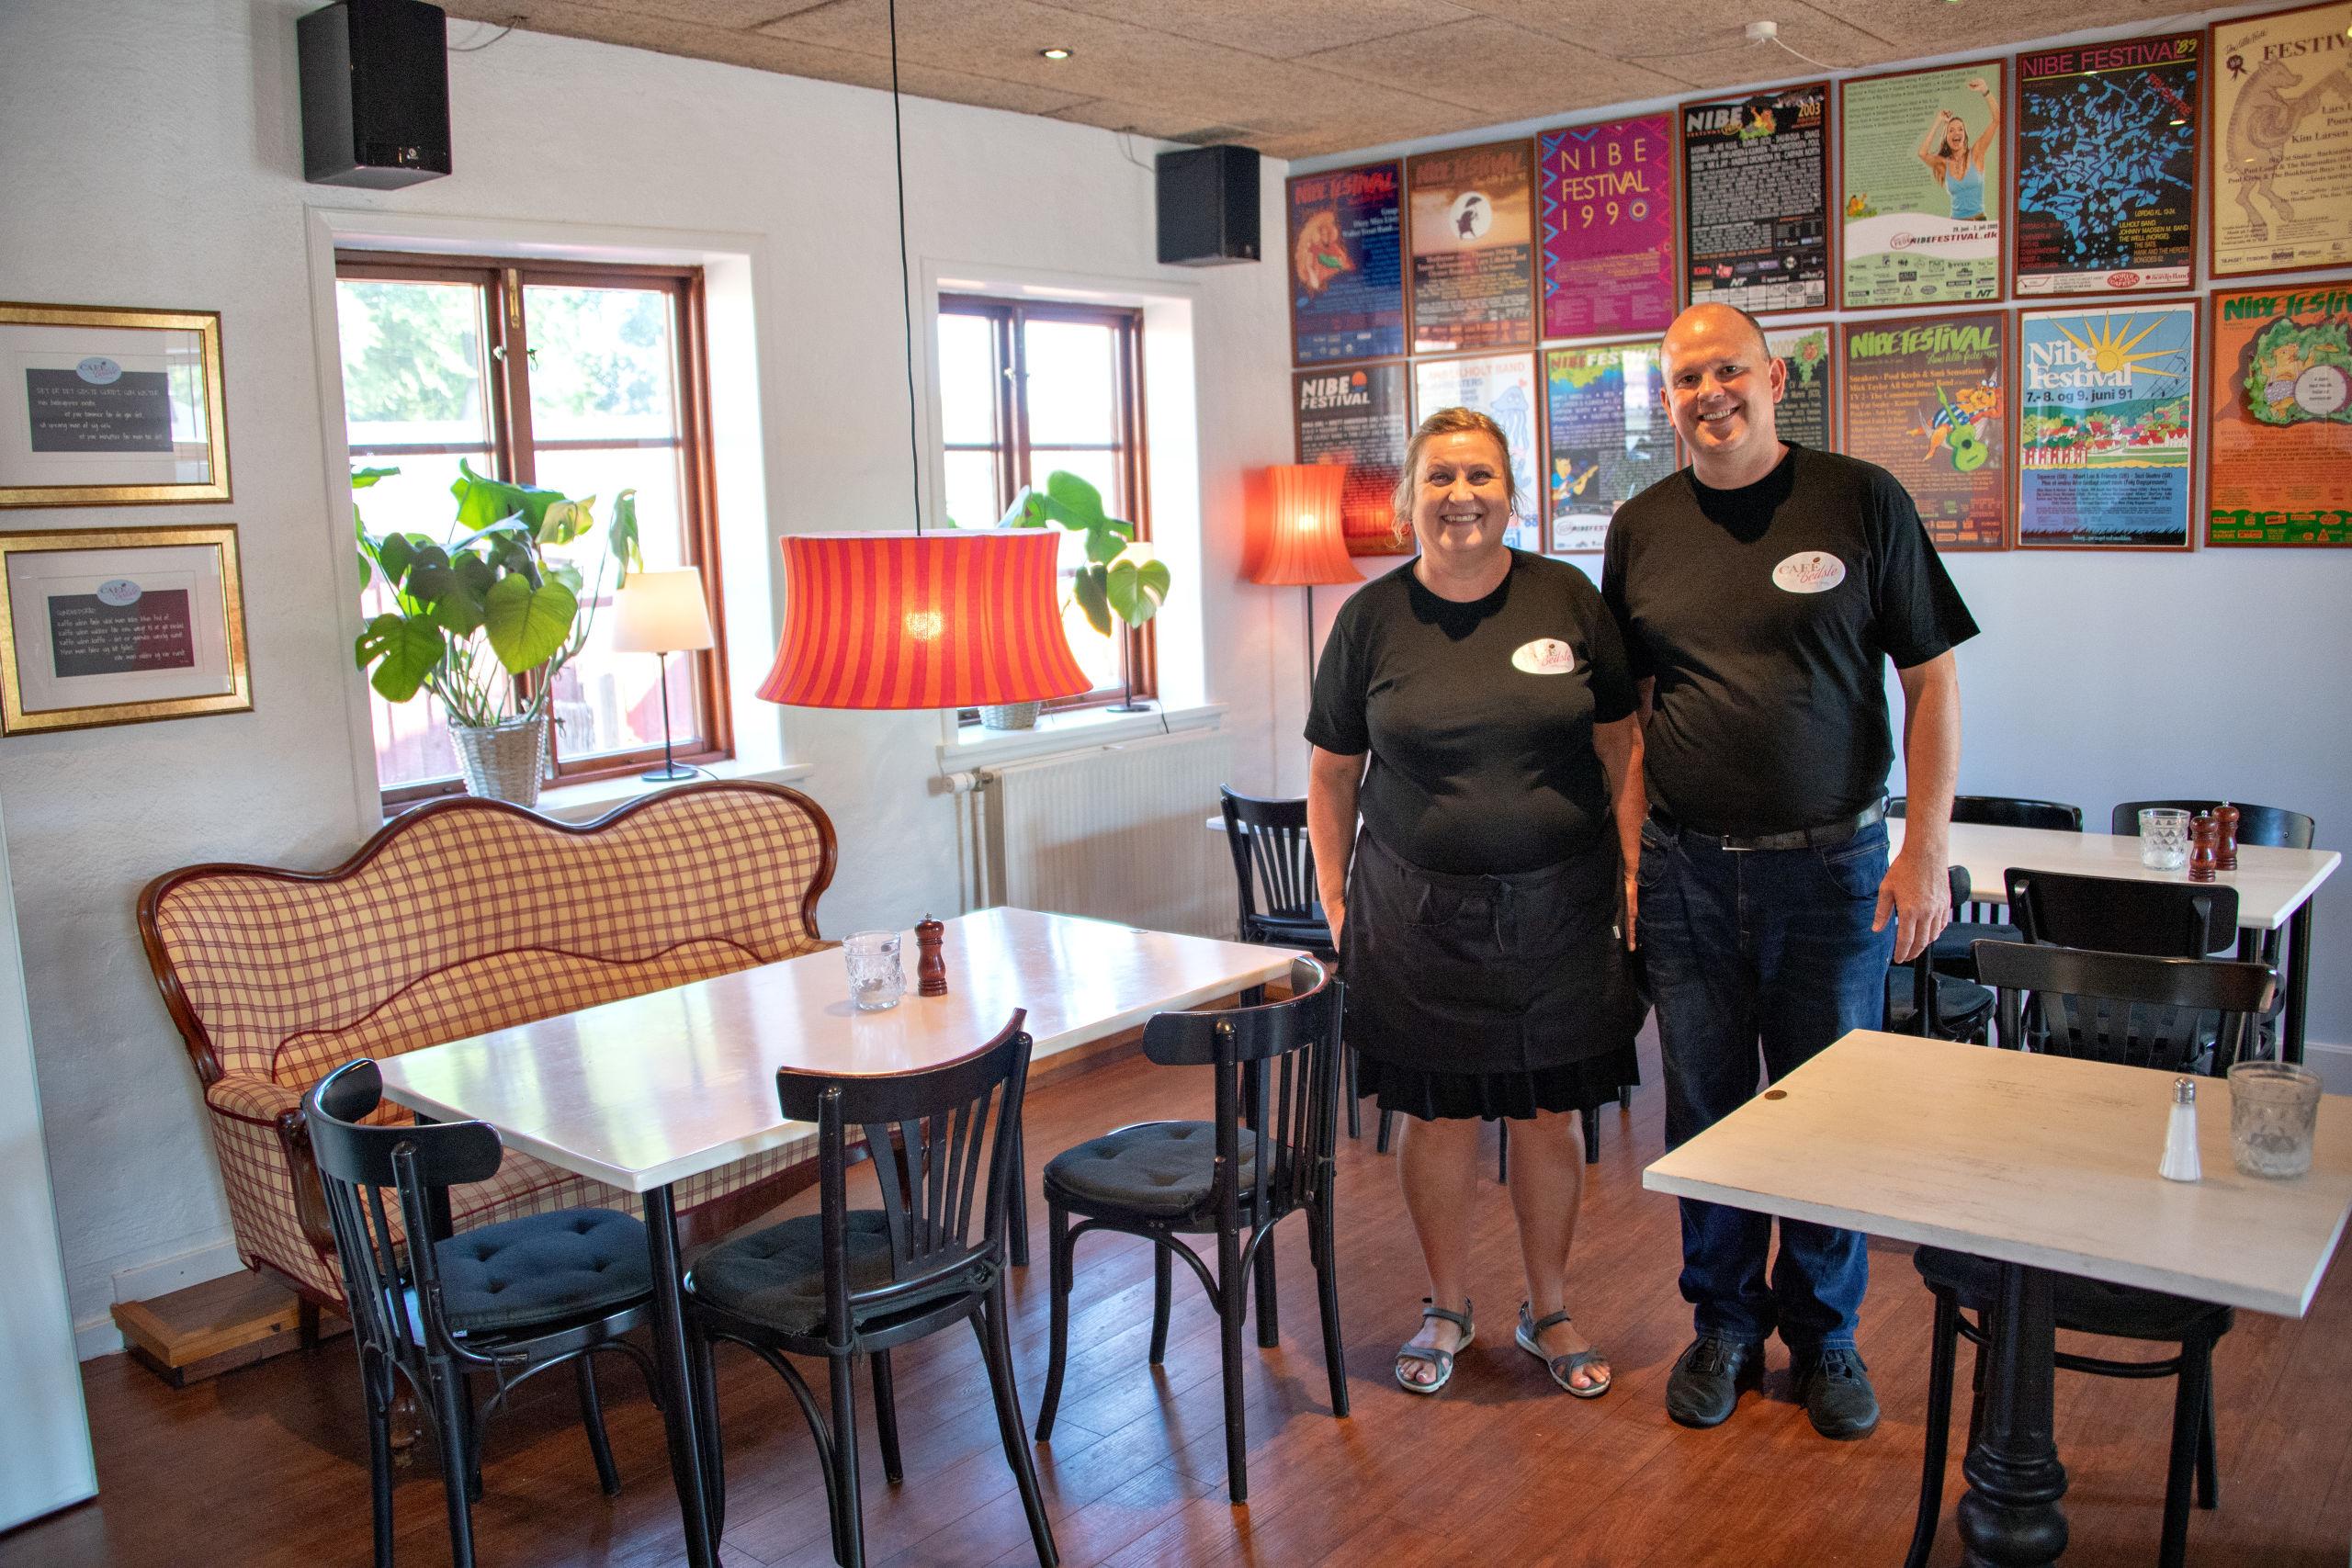 Malene og Jacob Julin har netop overtaget Café Bedste i Nibe.